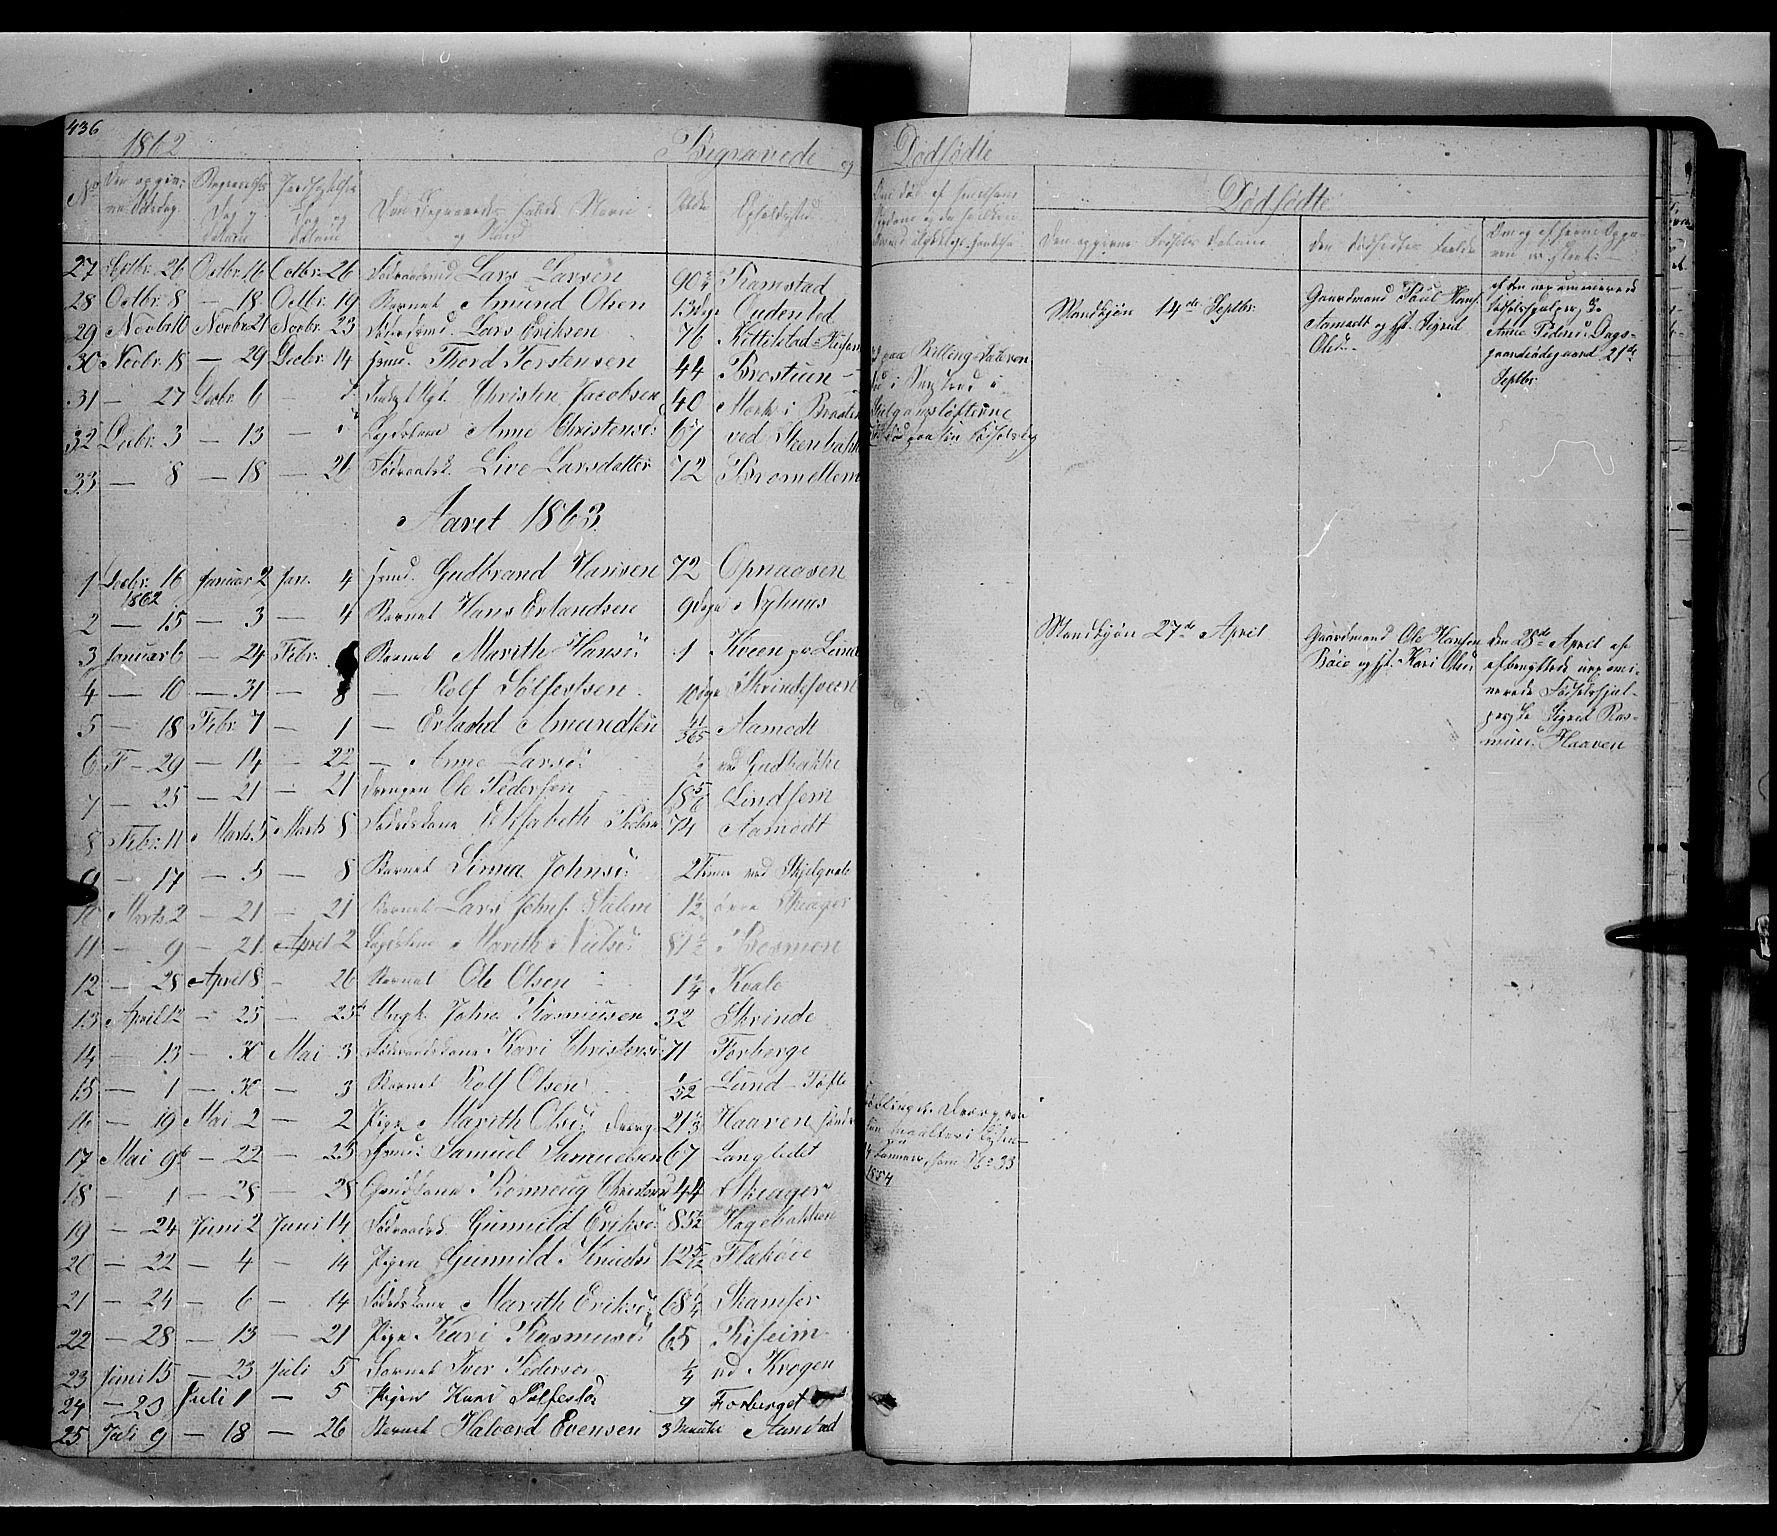 SAH, Lom prestekontor, L/L0004: Klokkerbok nr. 4, 1845-1864, s. 436-437